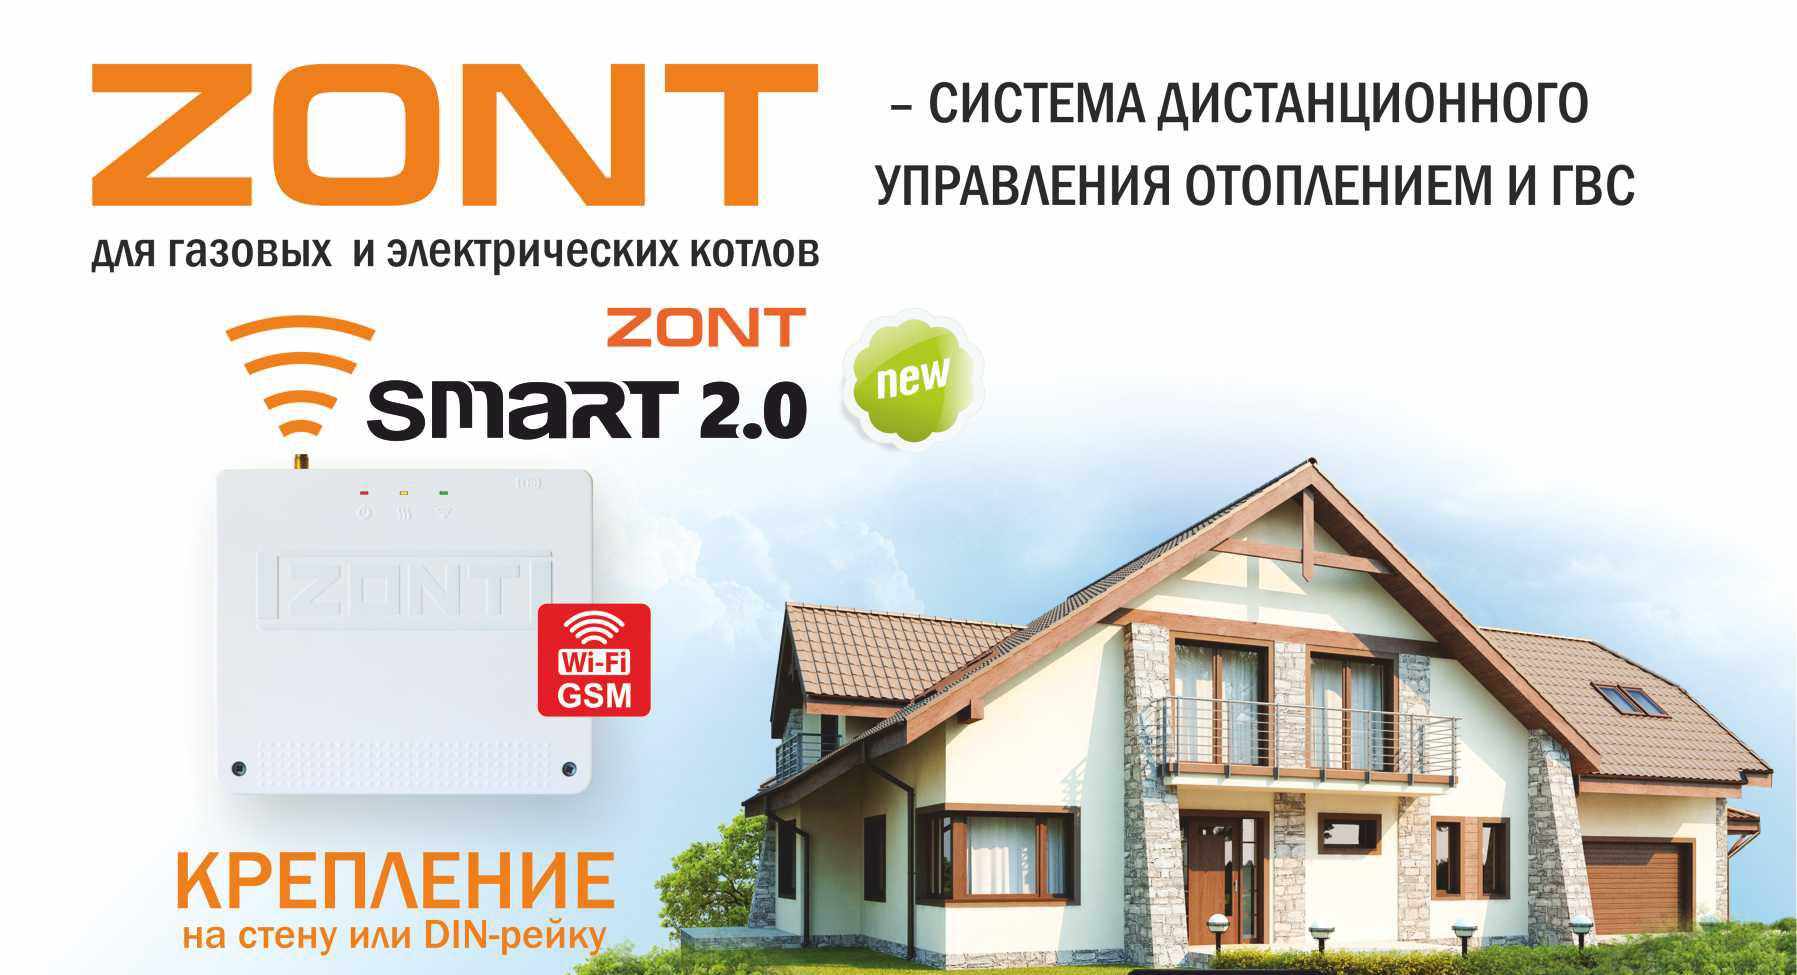 Системы дистанционного управления отоплением и ГВС от Компании Zont